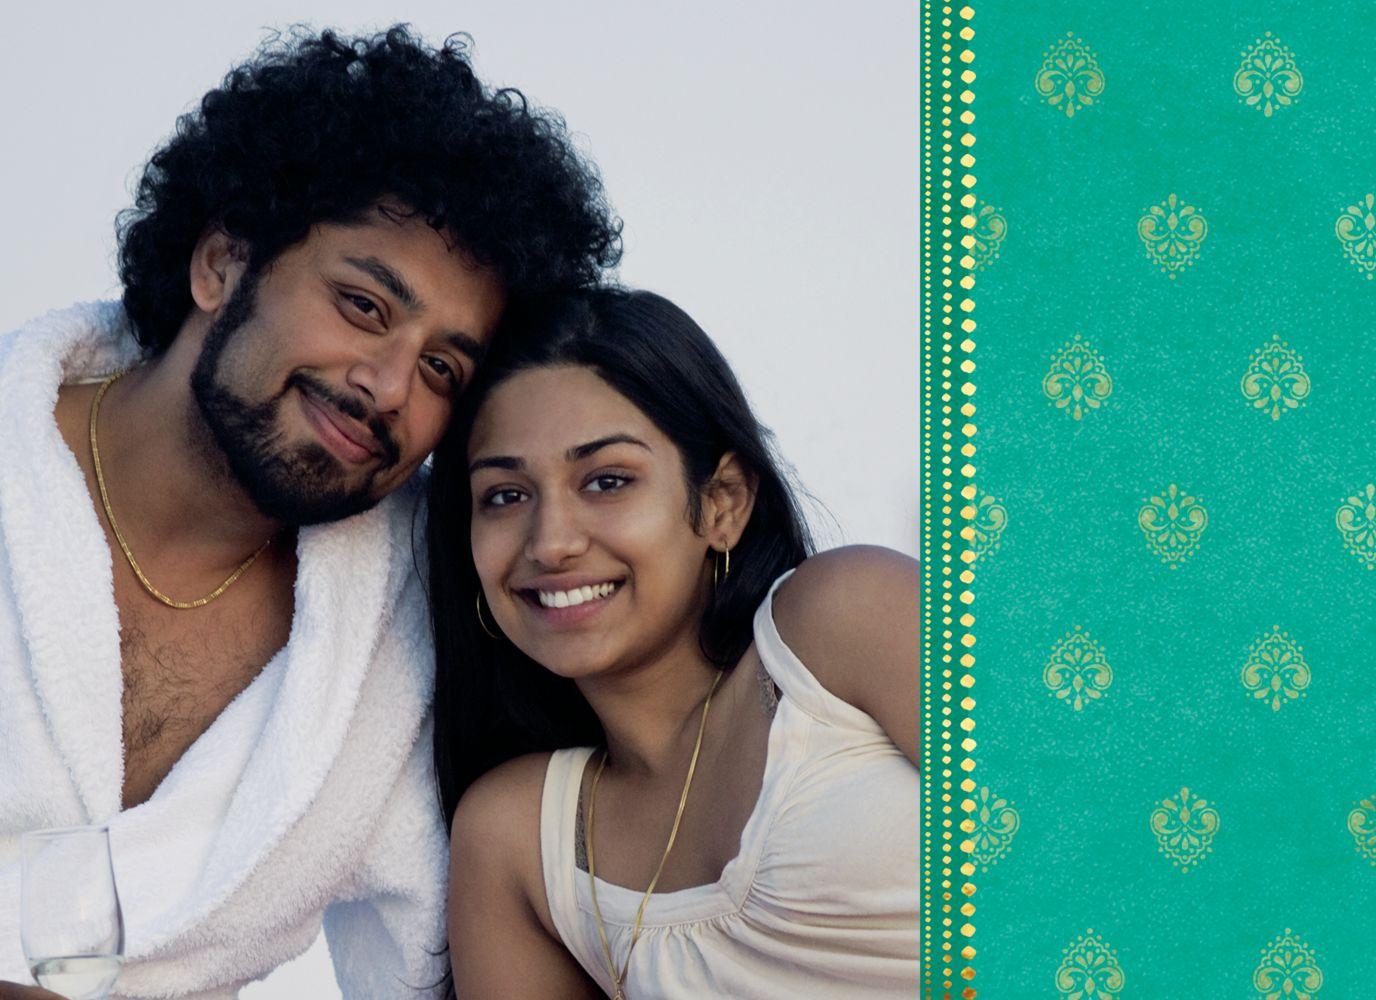 Ansicht 4 - Hochzeit Dankeskarte Mumbai